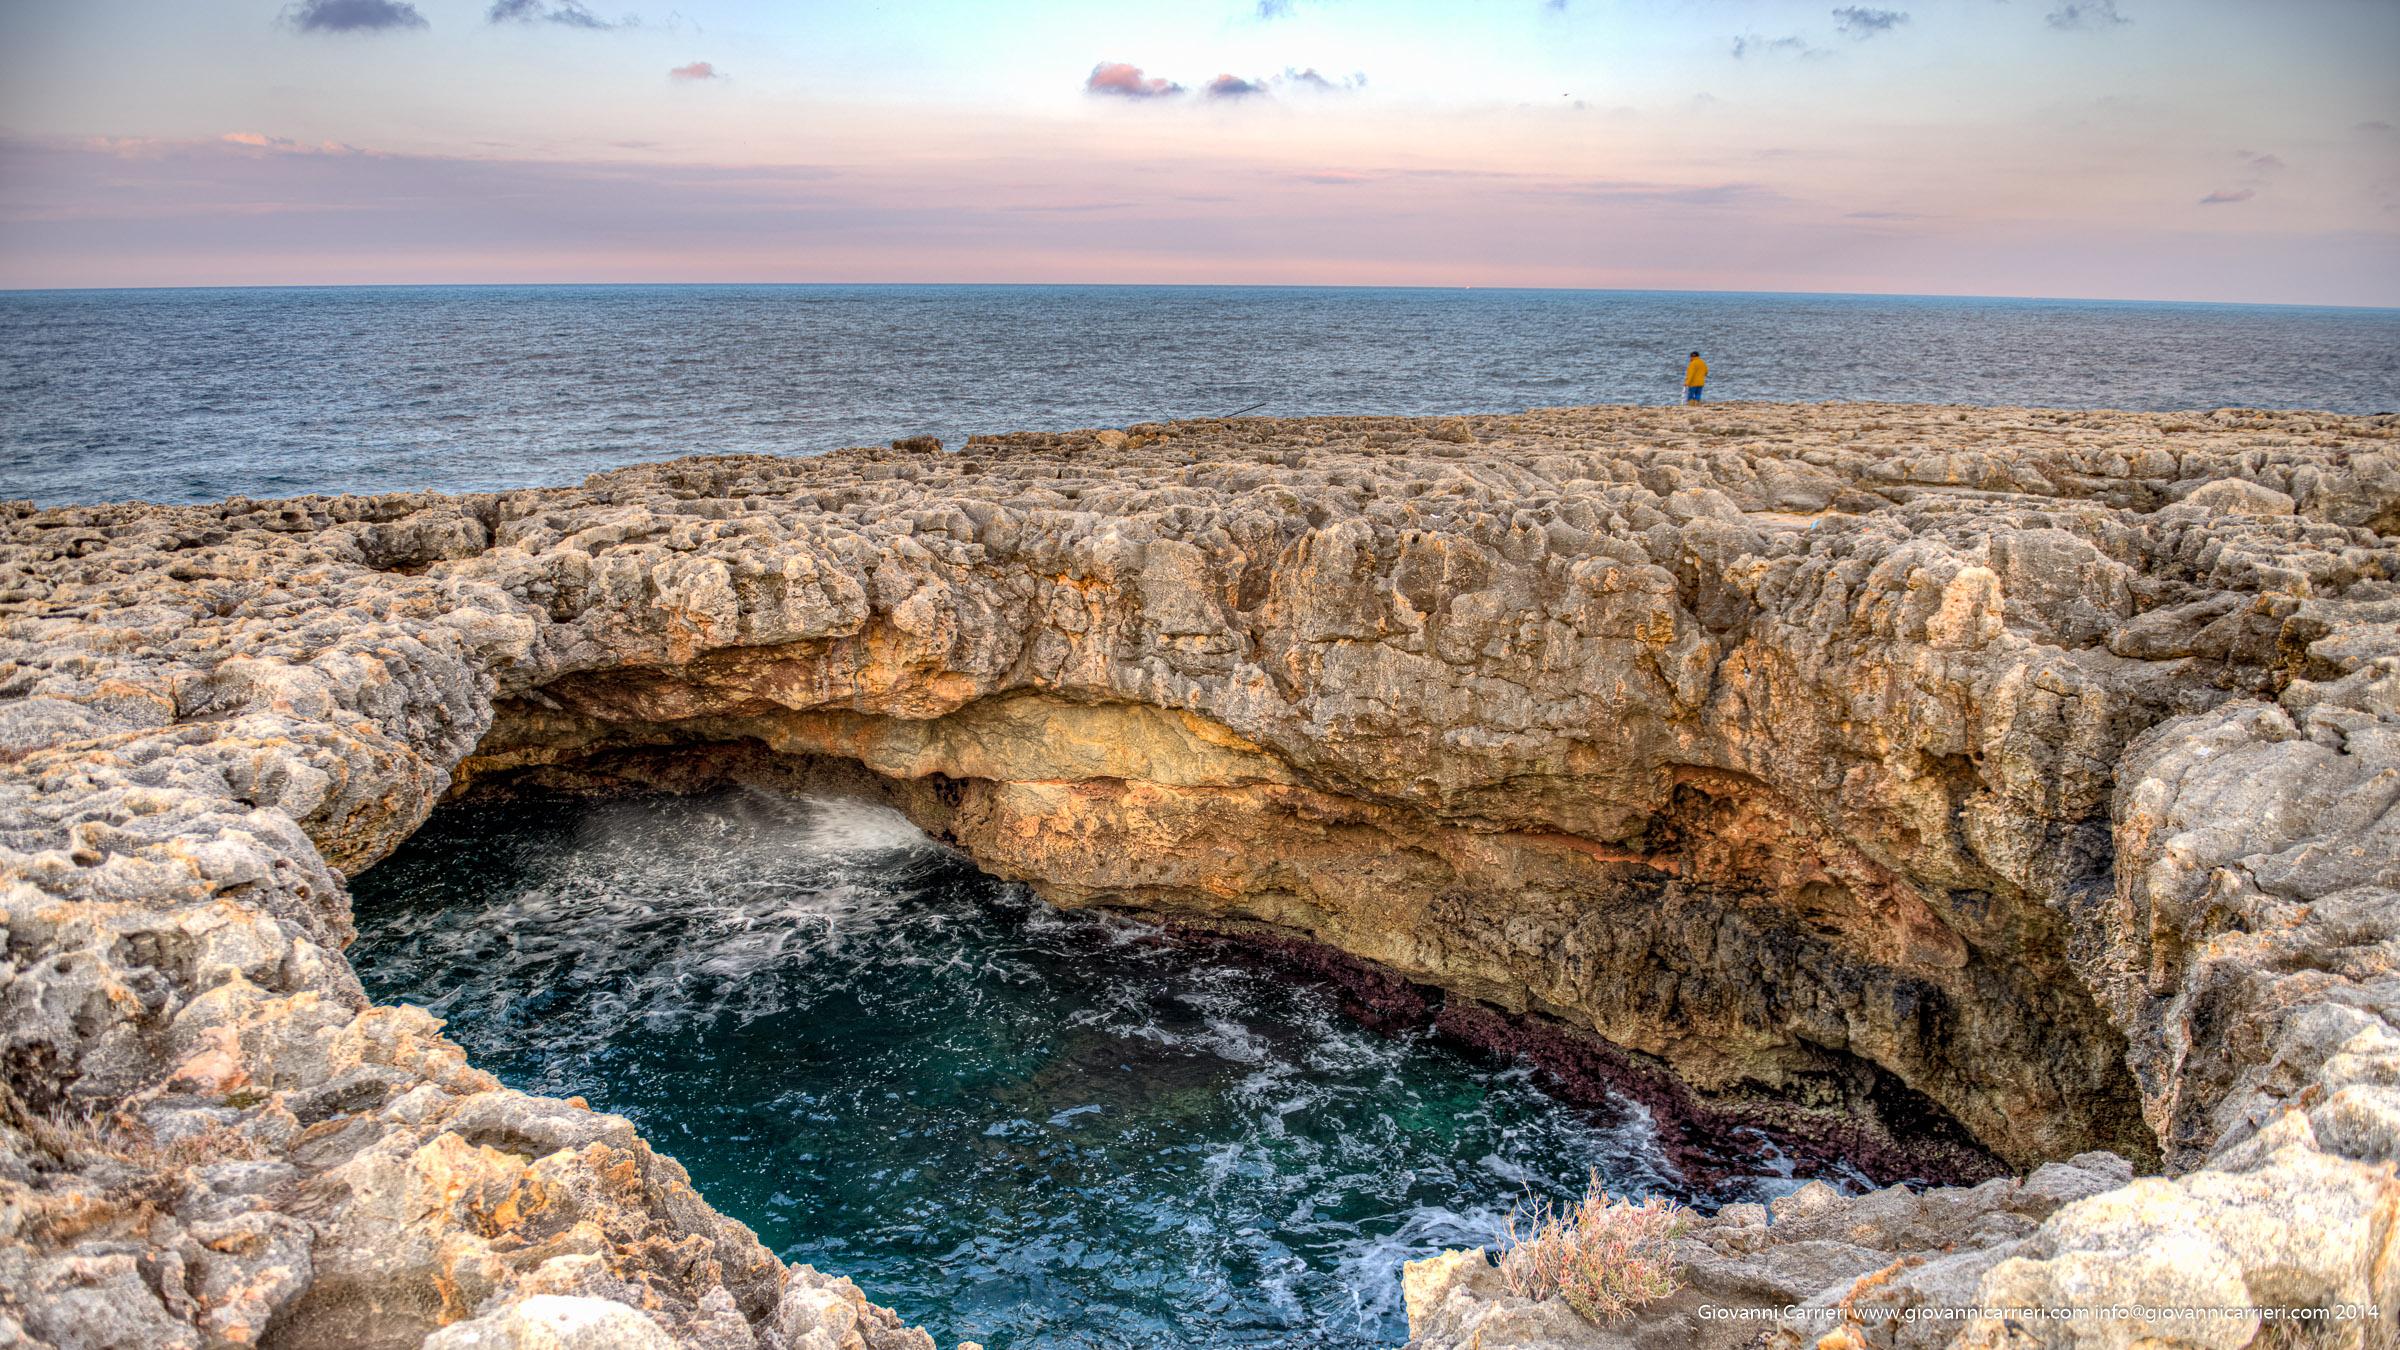 Particolare delle scogliere a Polignano a Mare - Grotta di Sella